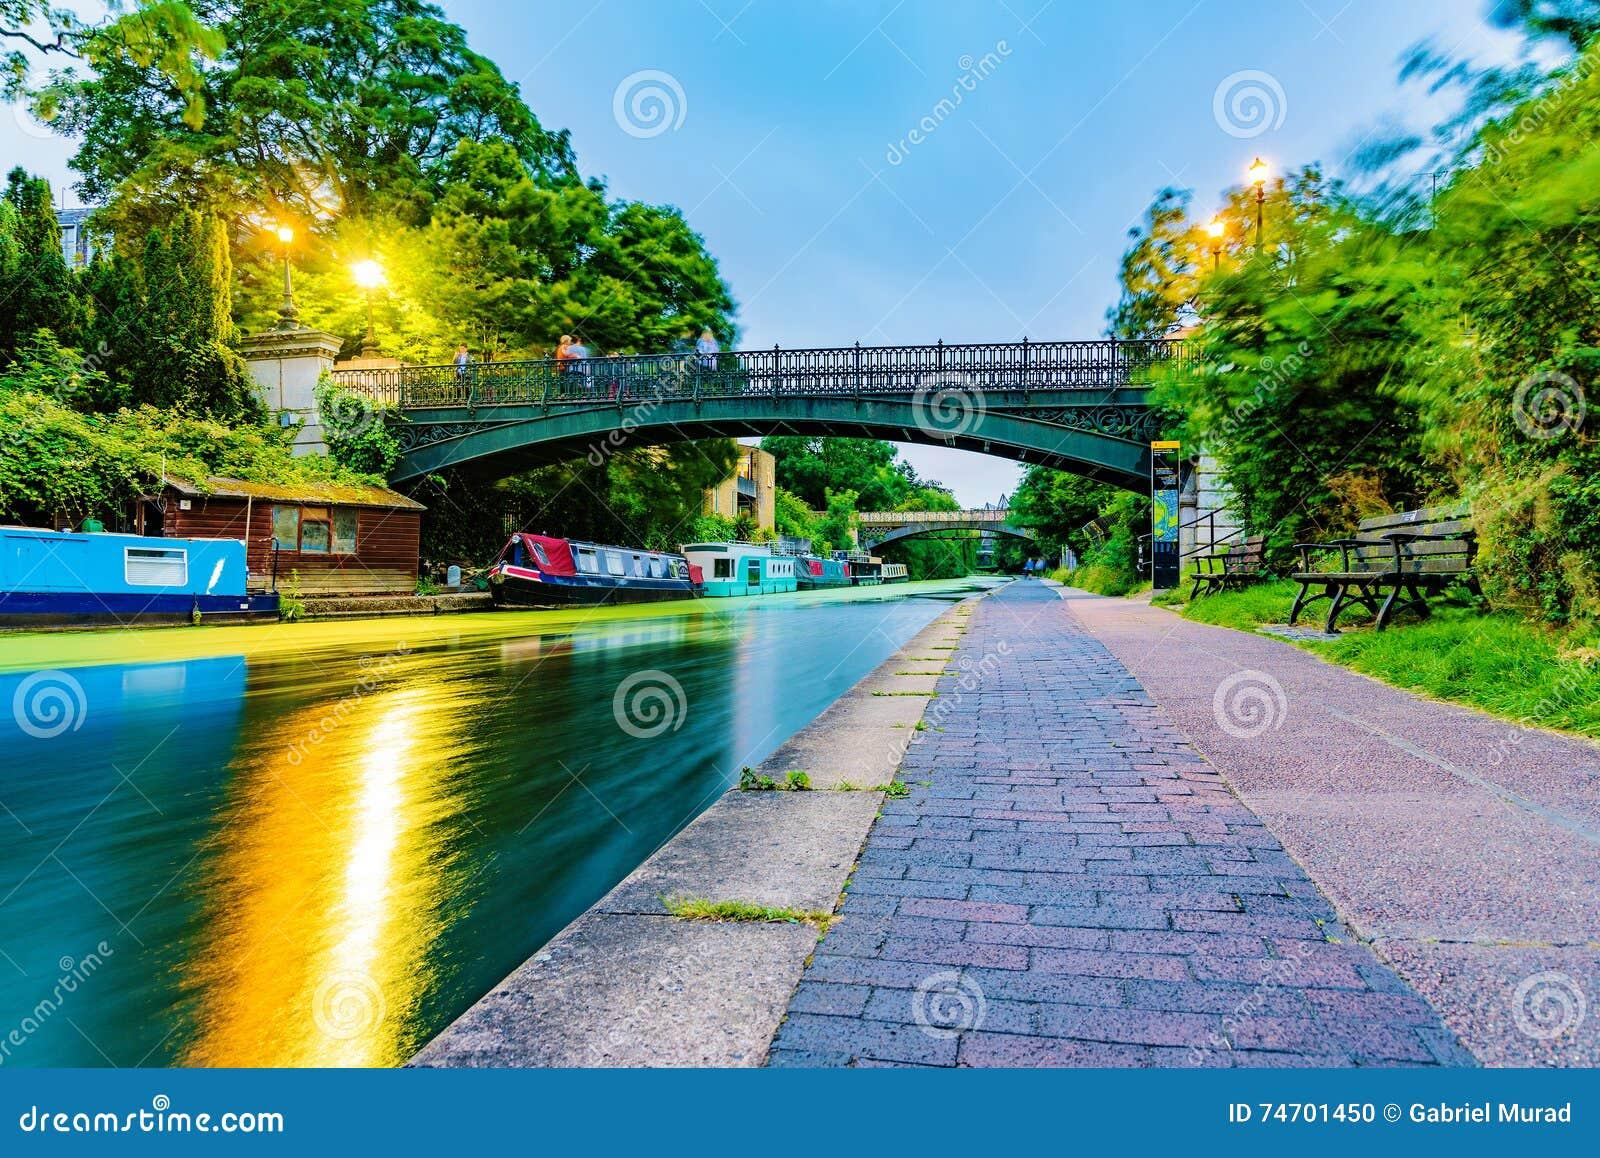 董事公园运河